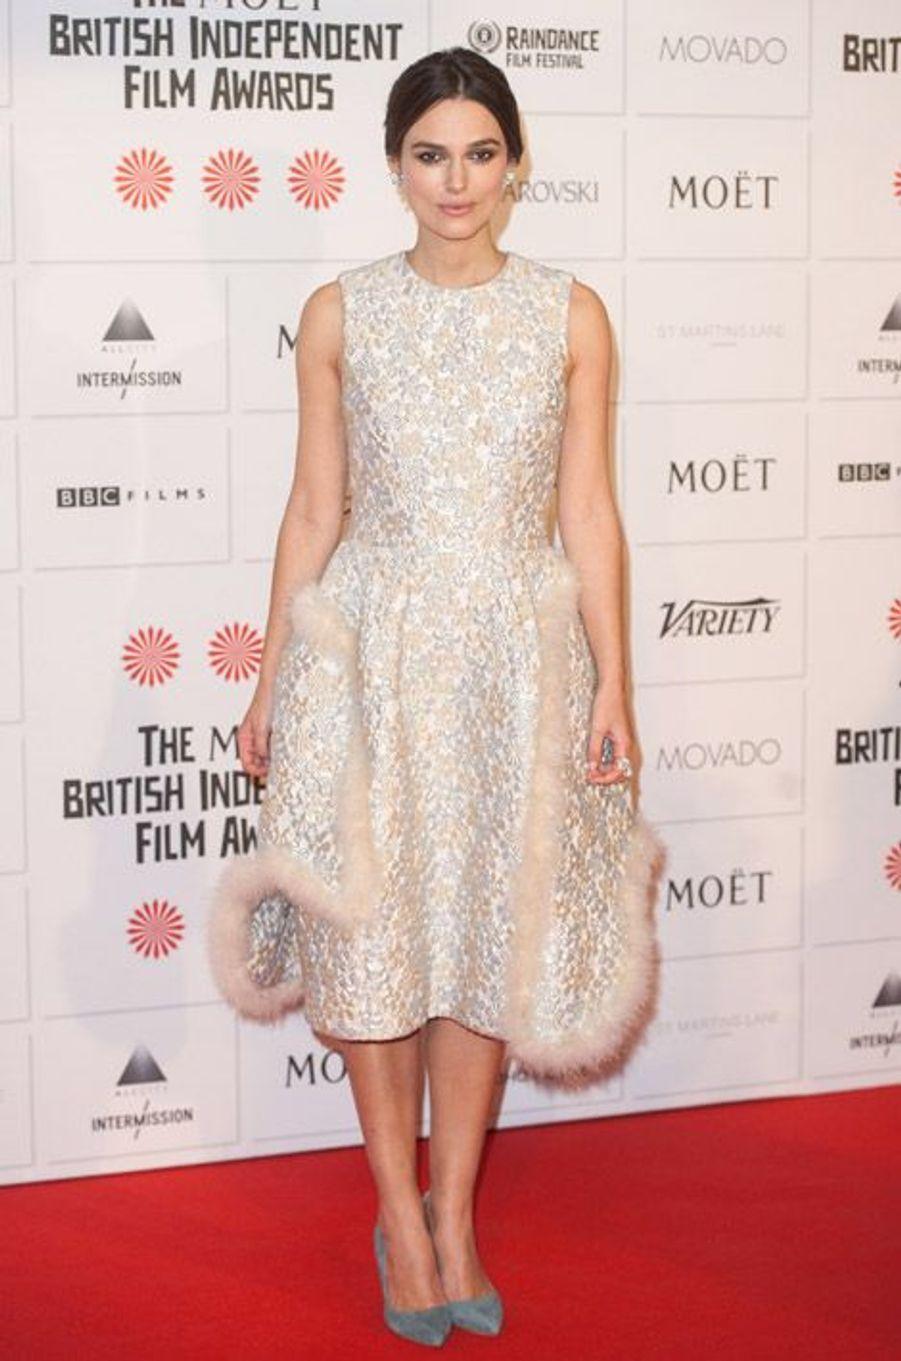 L'actrice Keira Knightley en Simone Rocha à Londres, lors de la cérémonie Moet British Independent Film Awards à Londres, le 7 décembre 2014